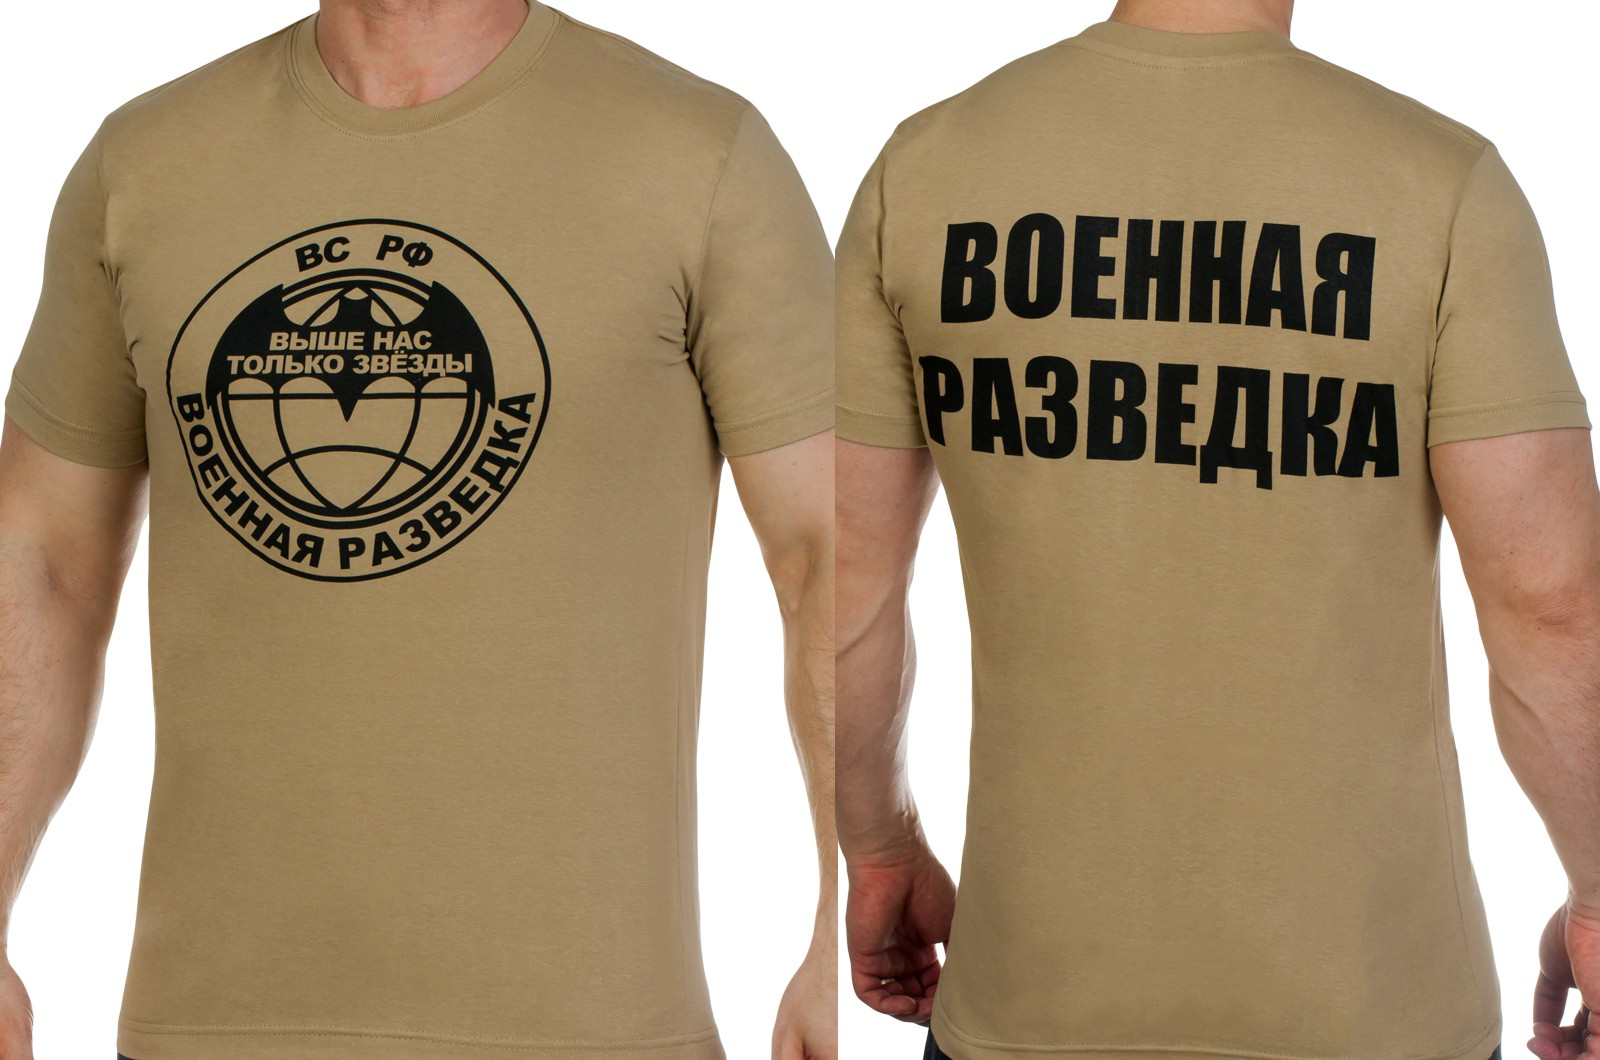 Заказать футболки для Разведчиков